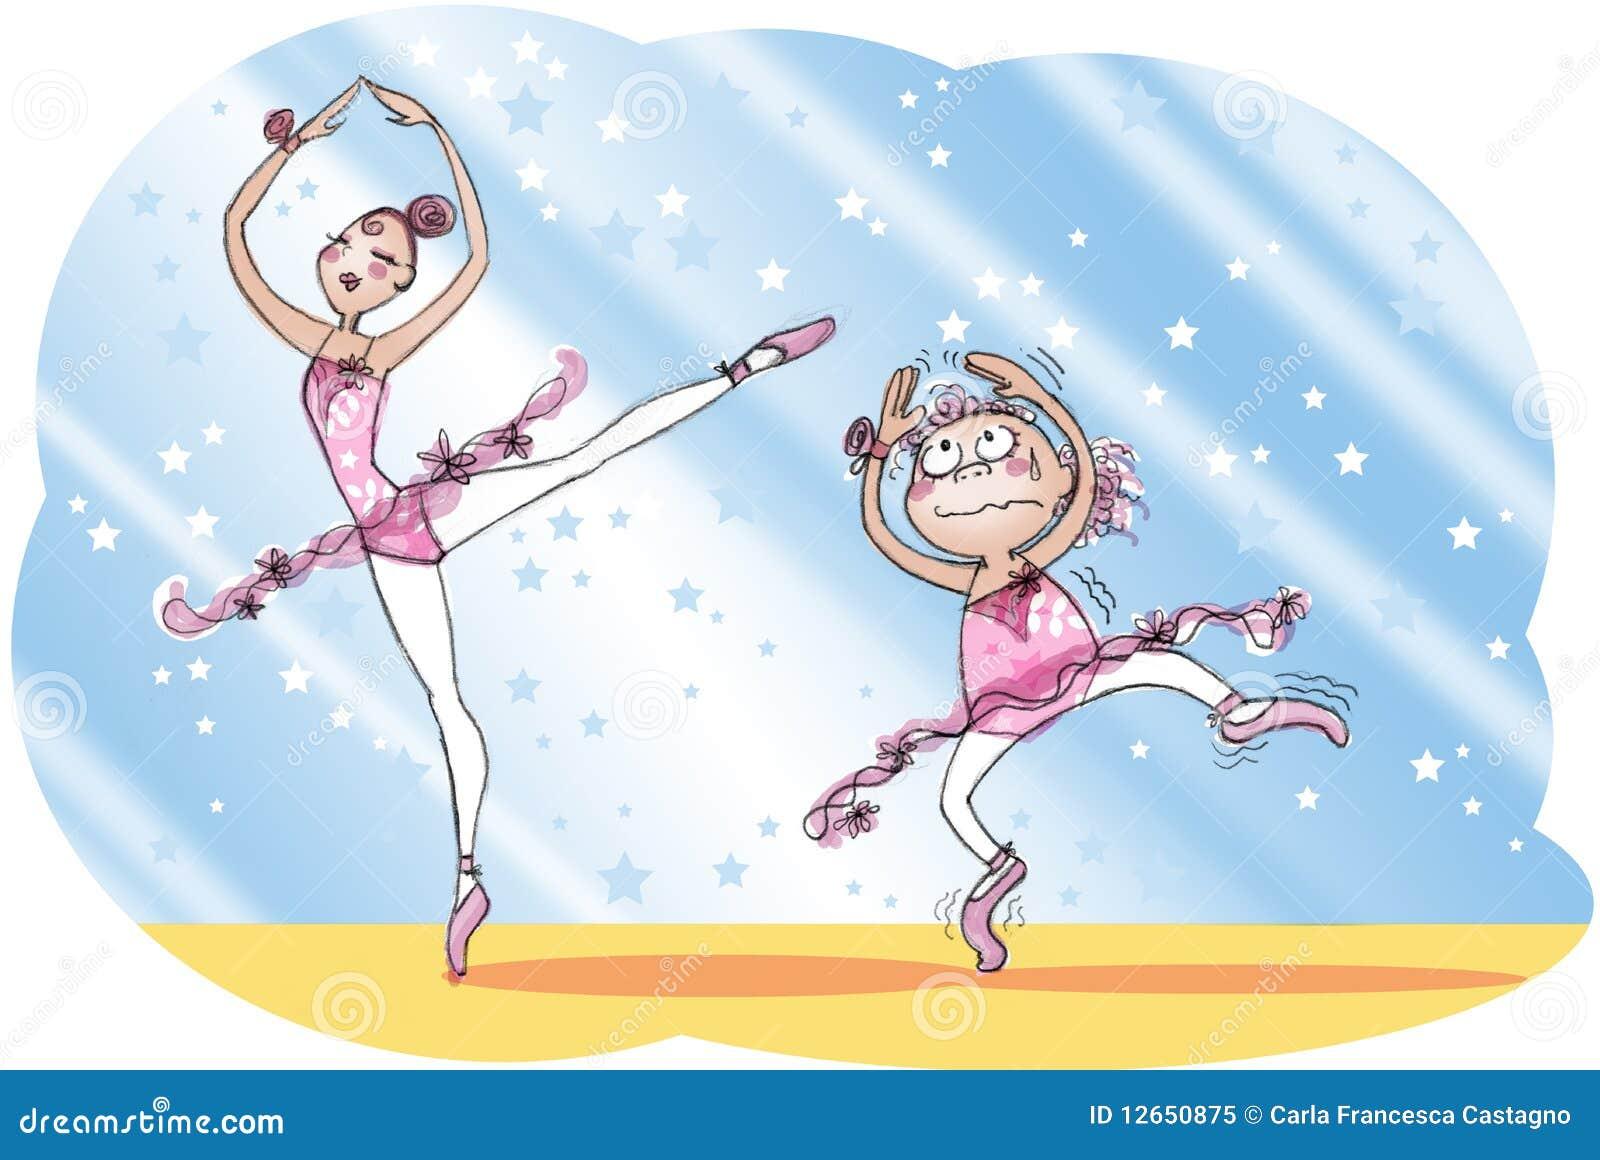 Ballet school